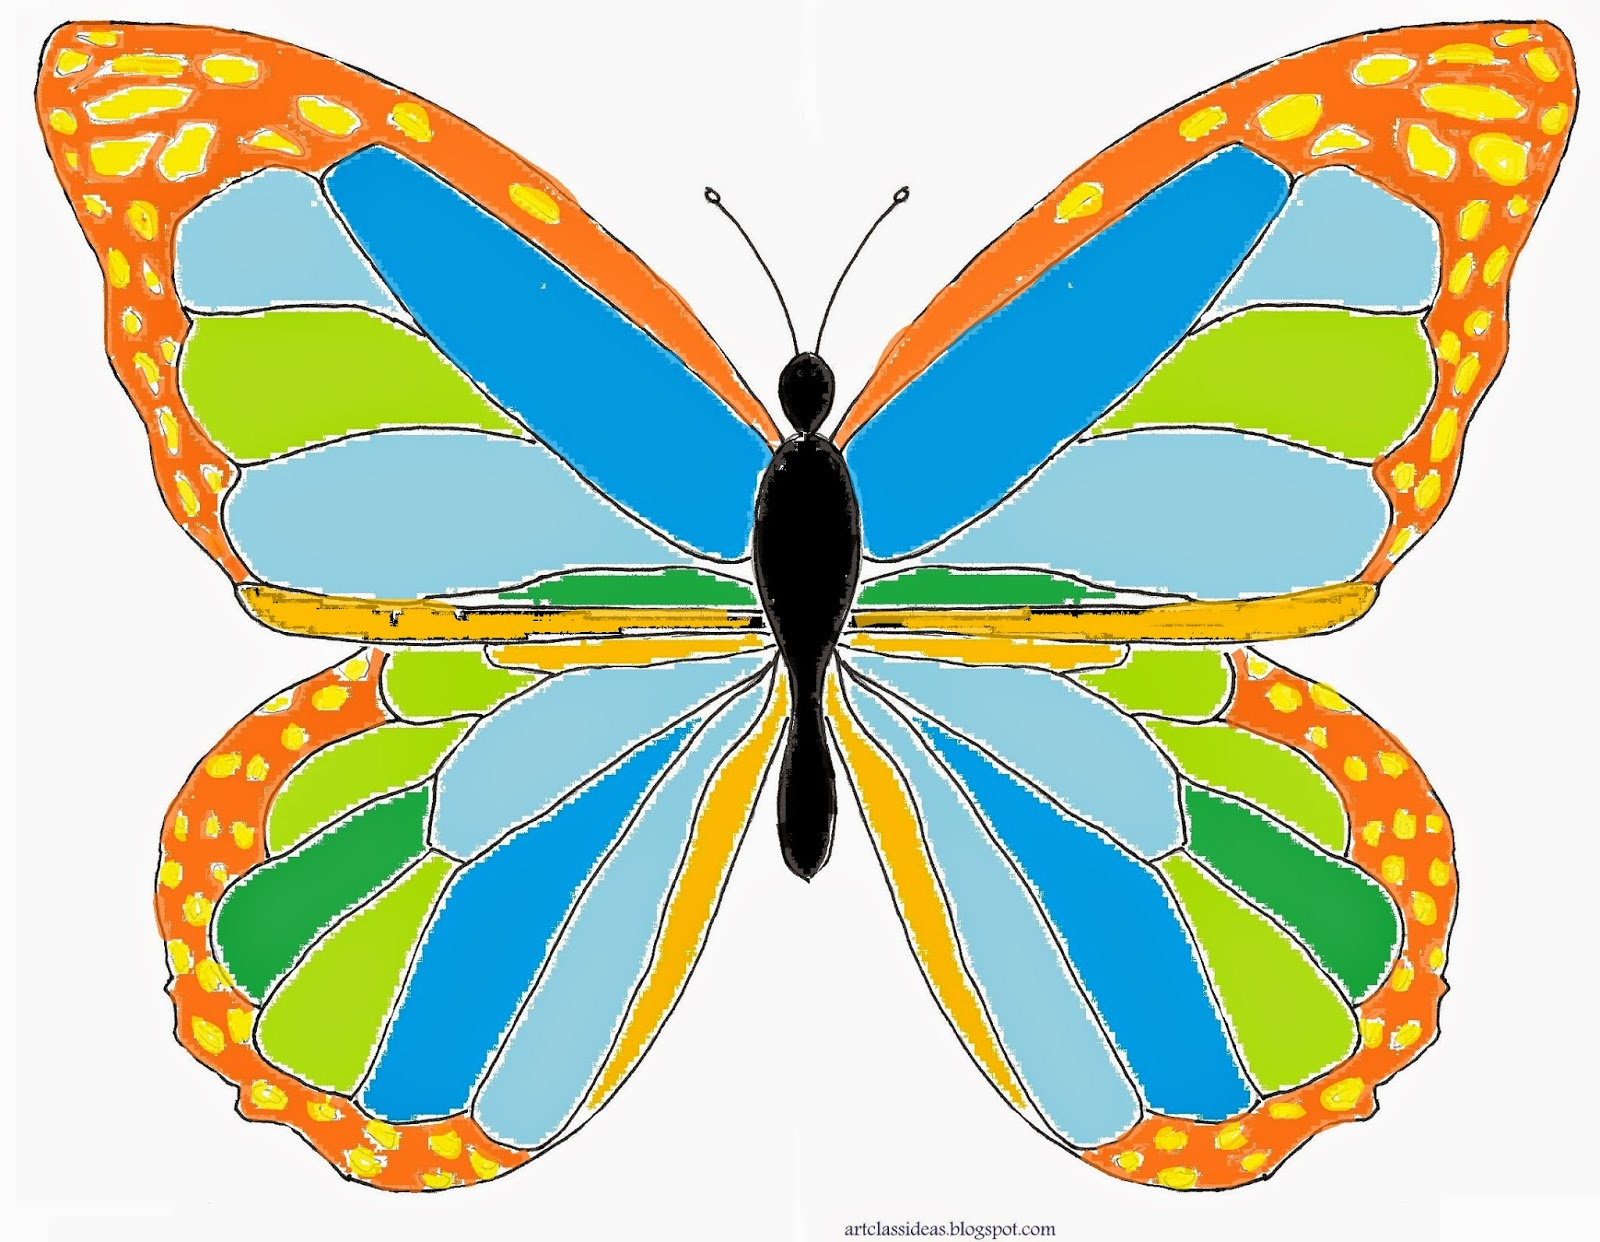 Butterfly Symmetry Art Project